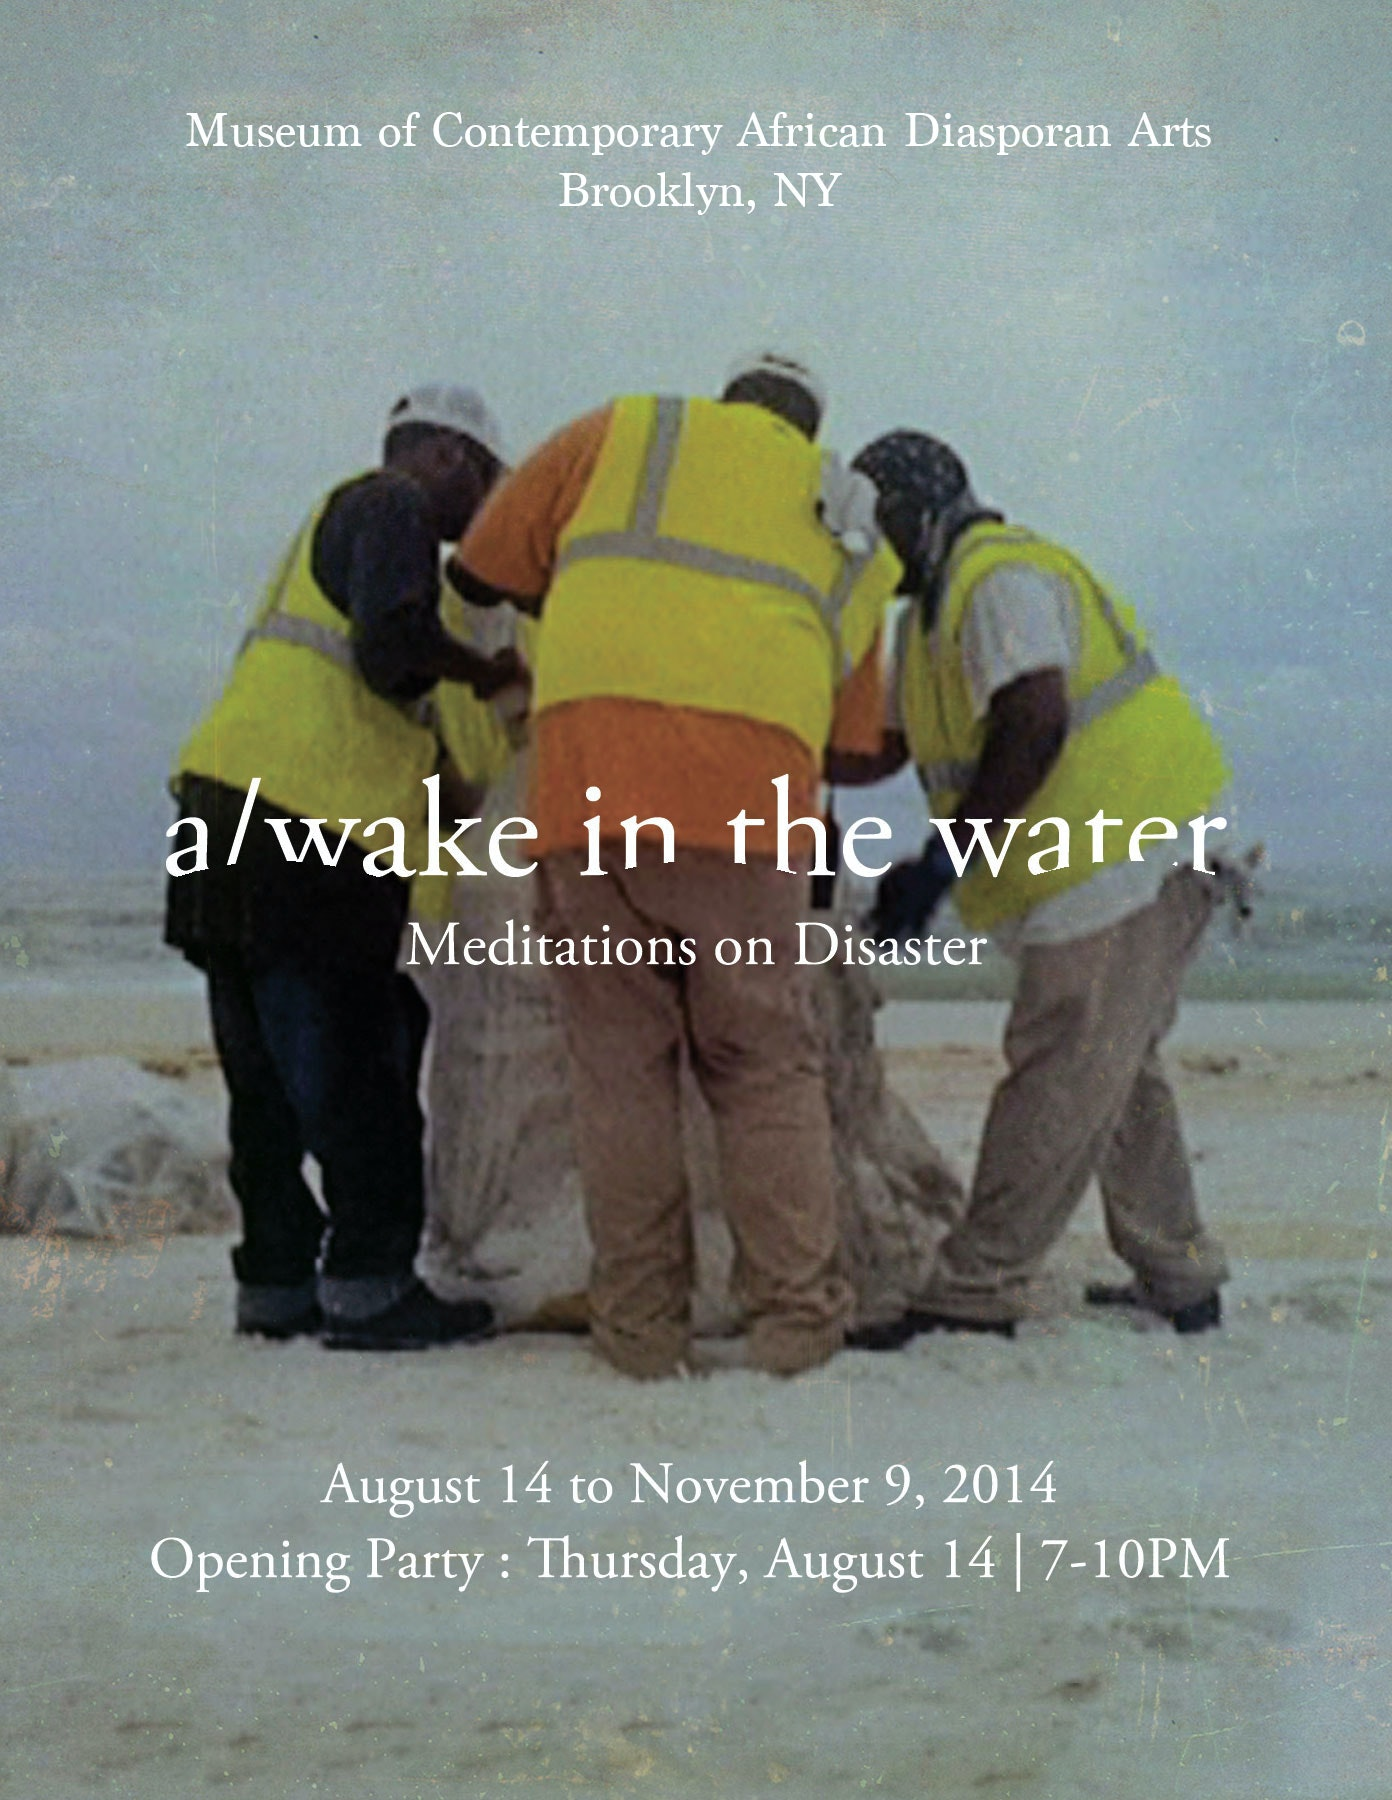 awake in the water